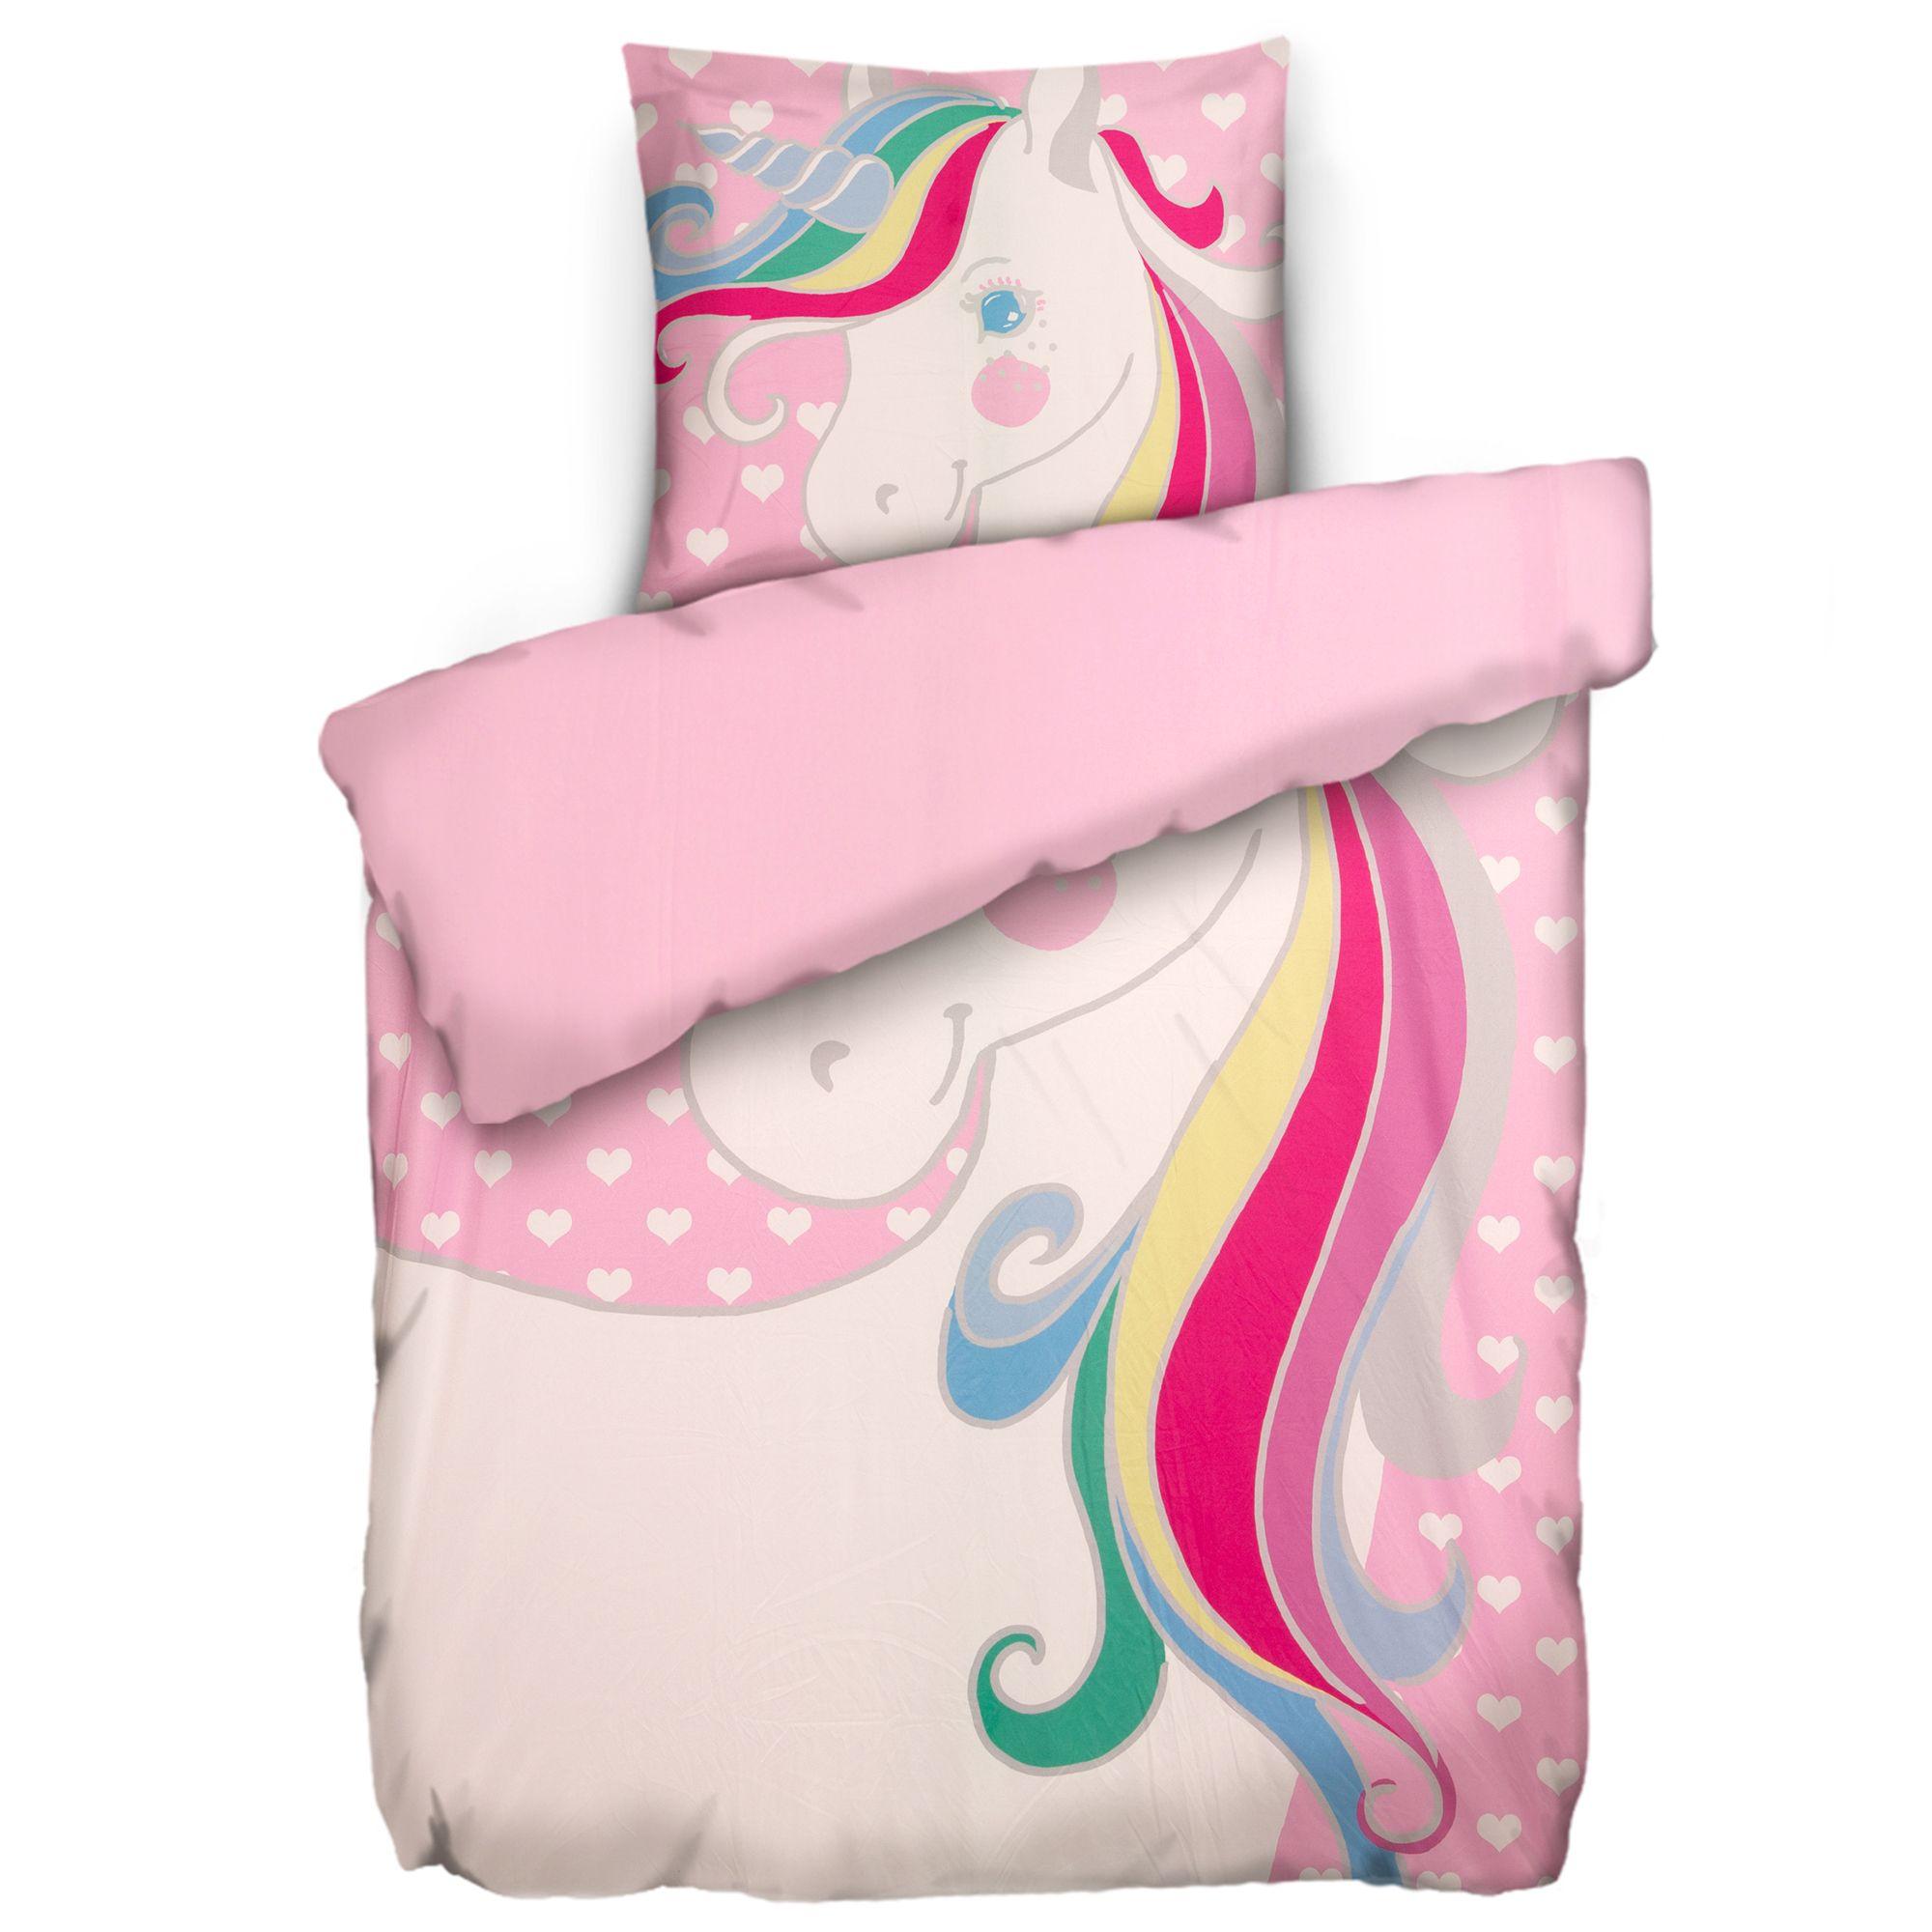 Jerymood Kinderbettwäsche Einhorn Mikrofaser Jersey Einzelbett 2tlg